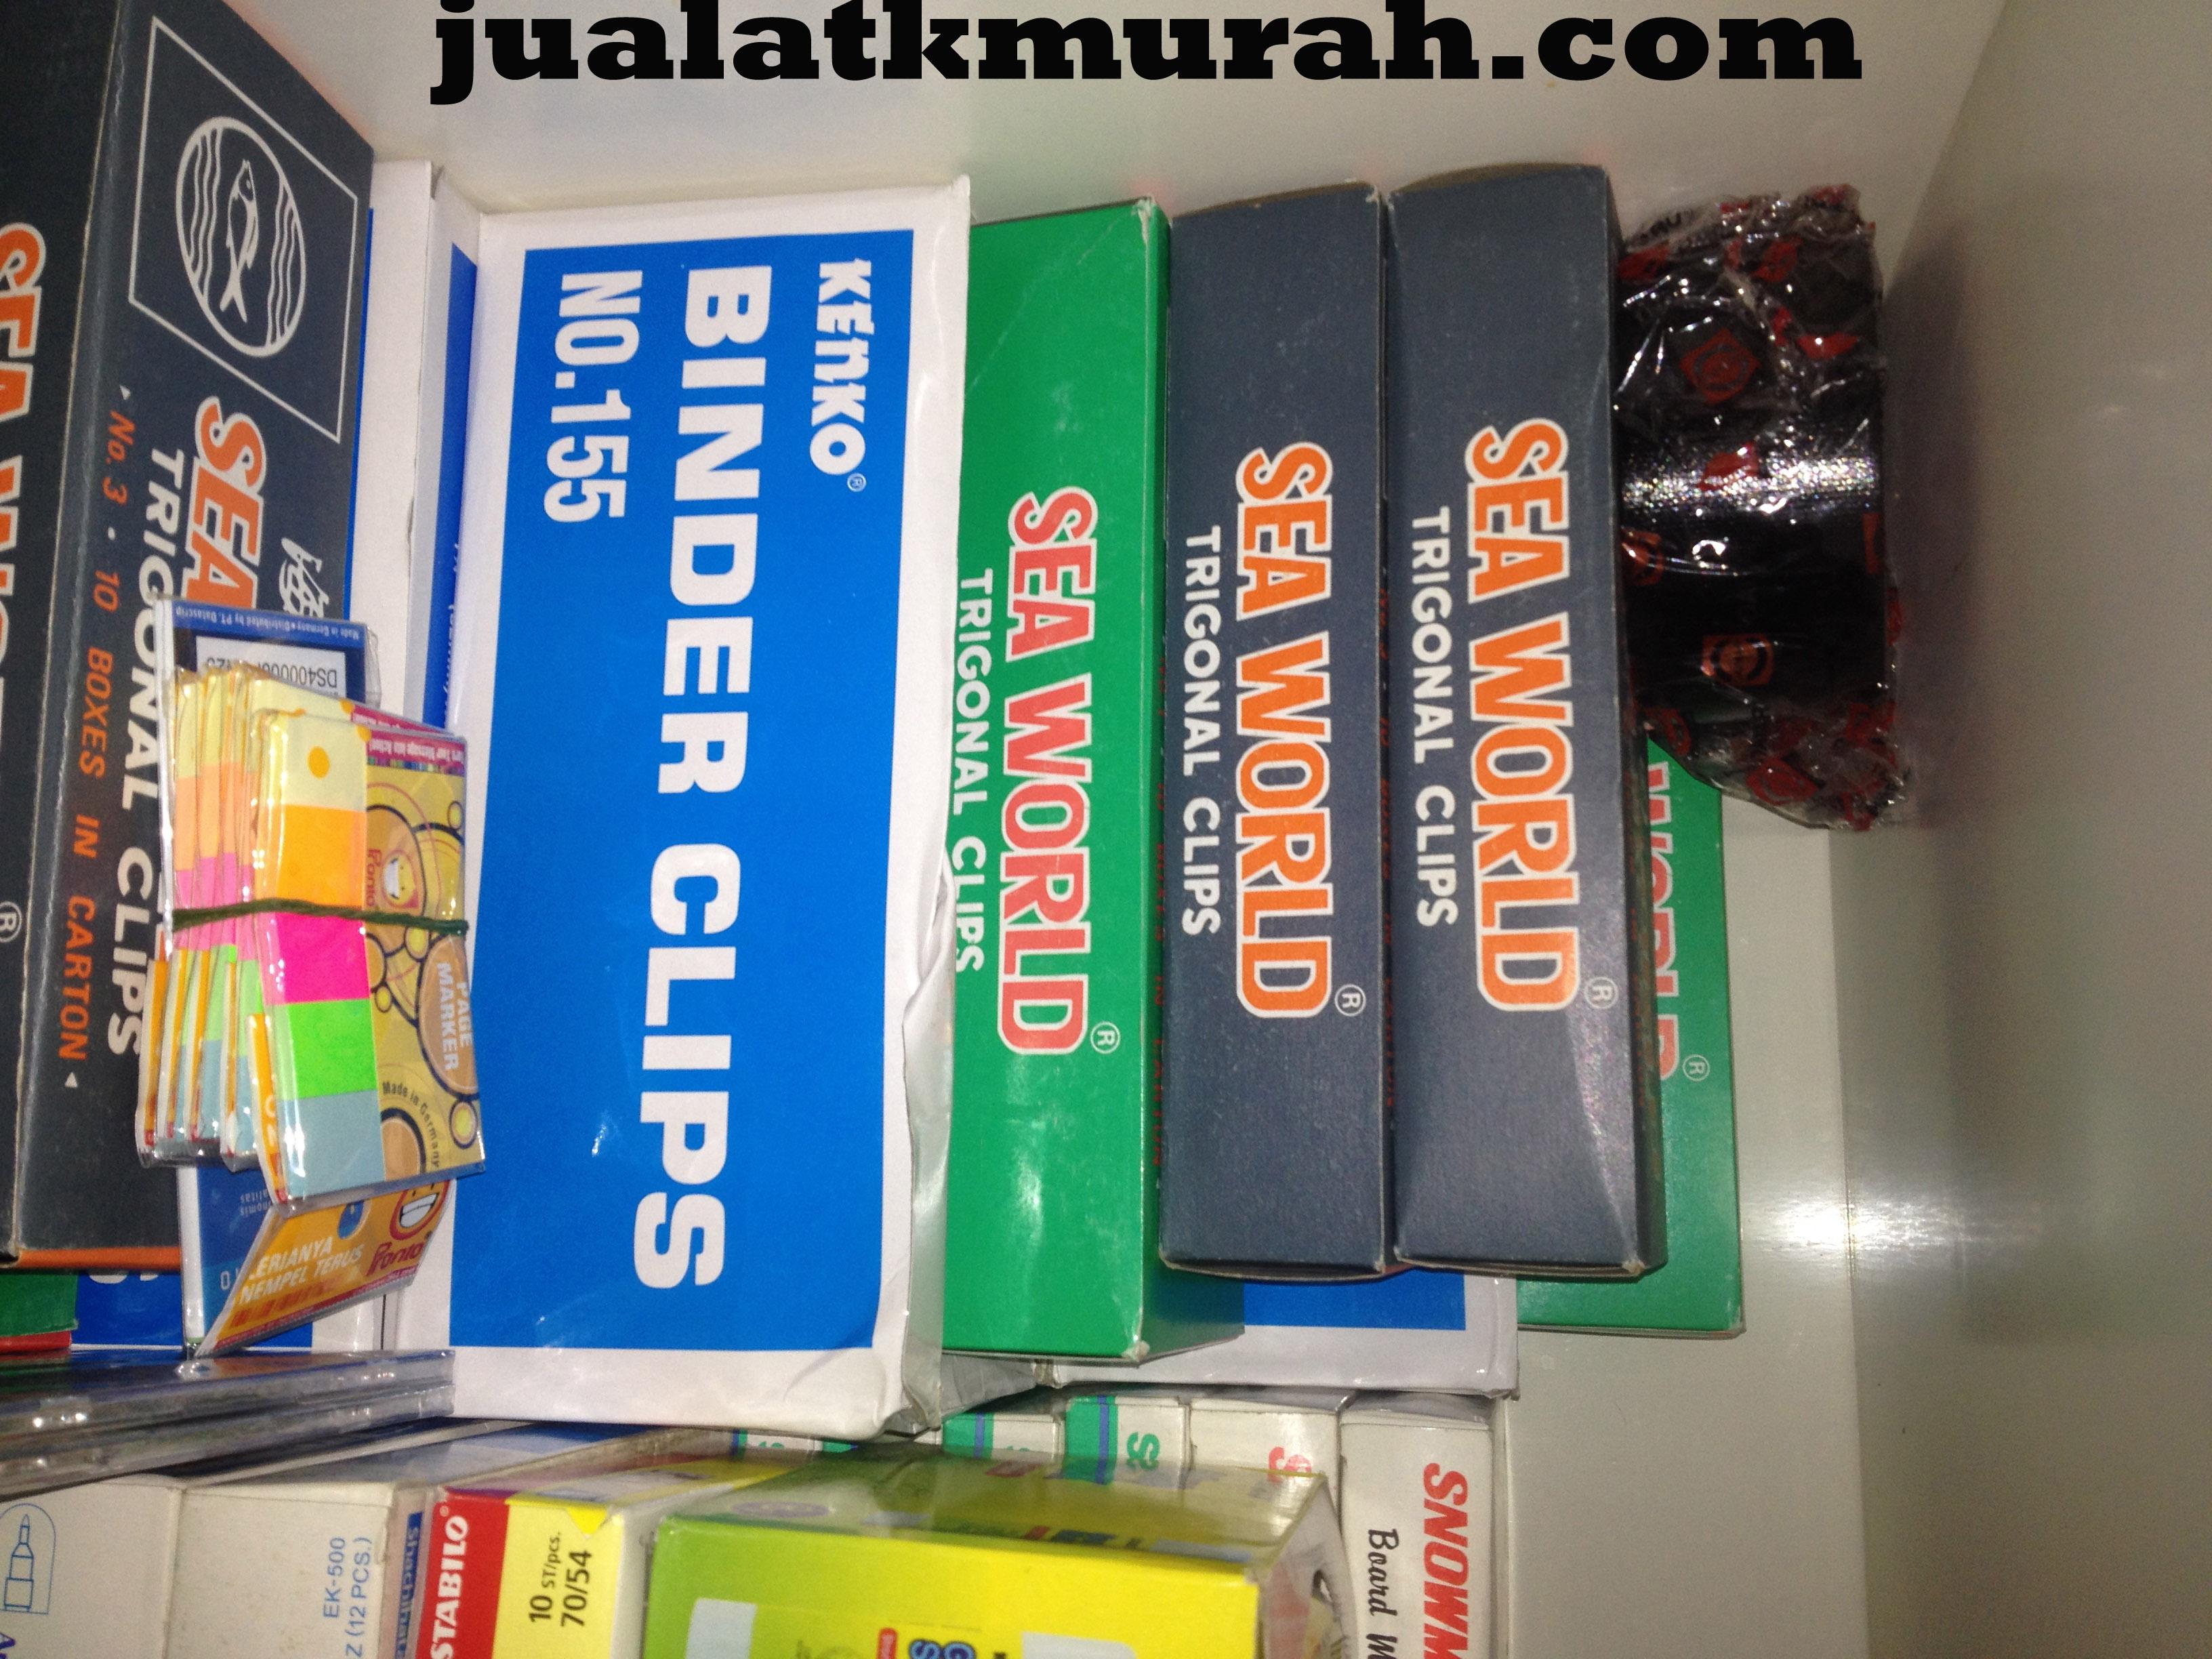 Grosir ATK Jakarta Utara